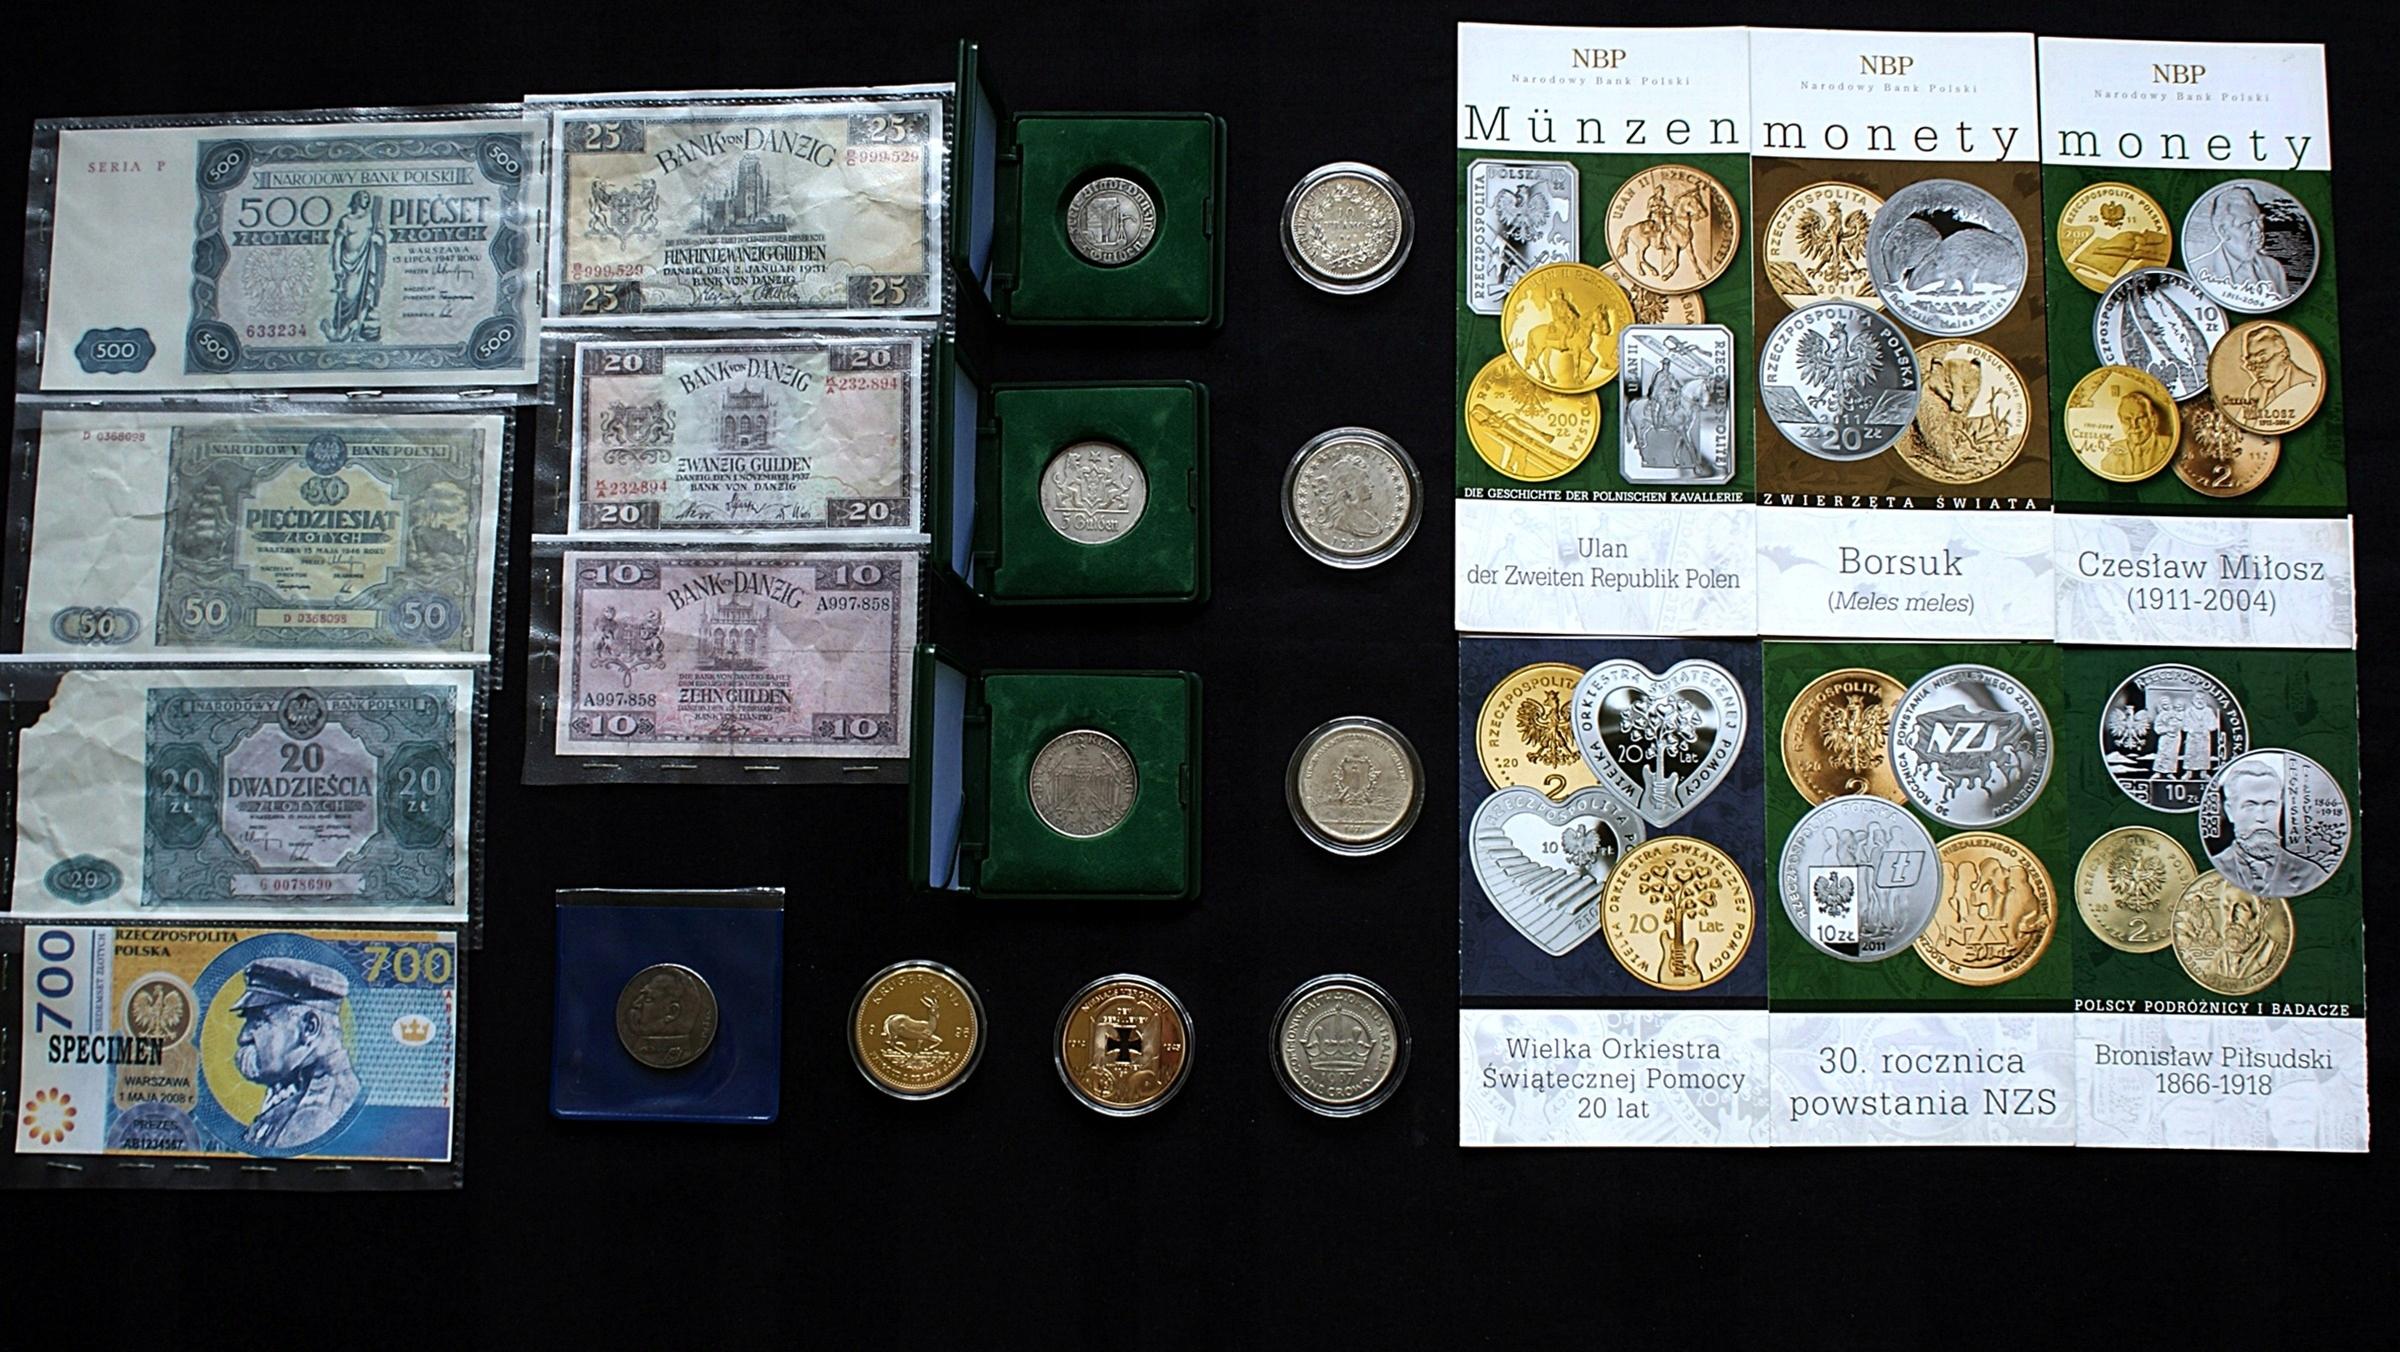 monety banknoty DO ROZPOZNANIA po Kolekcjonerze